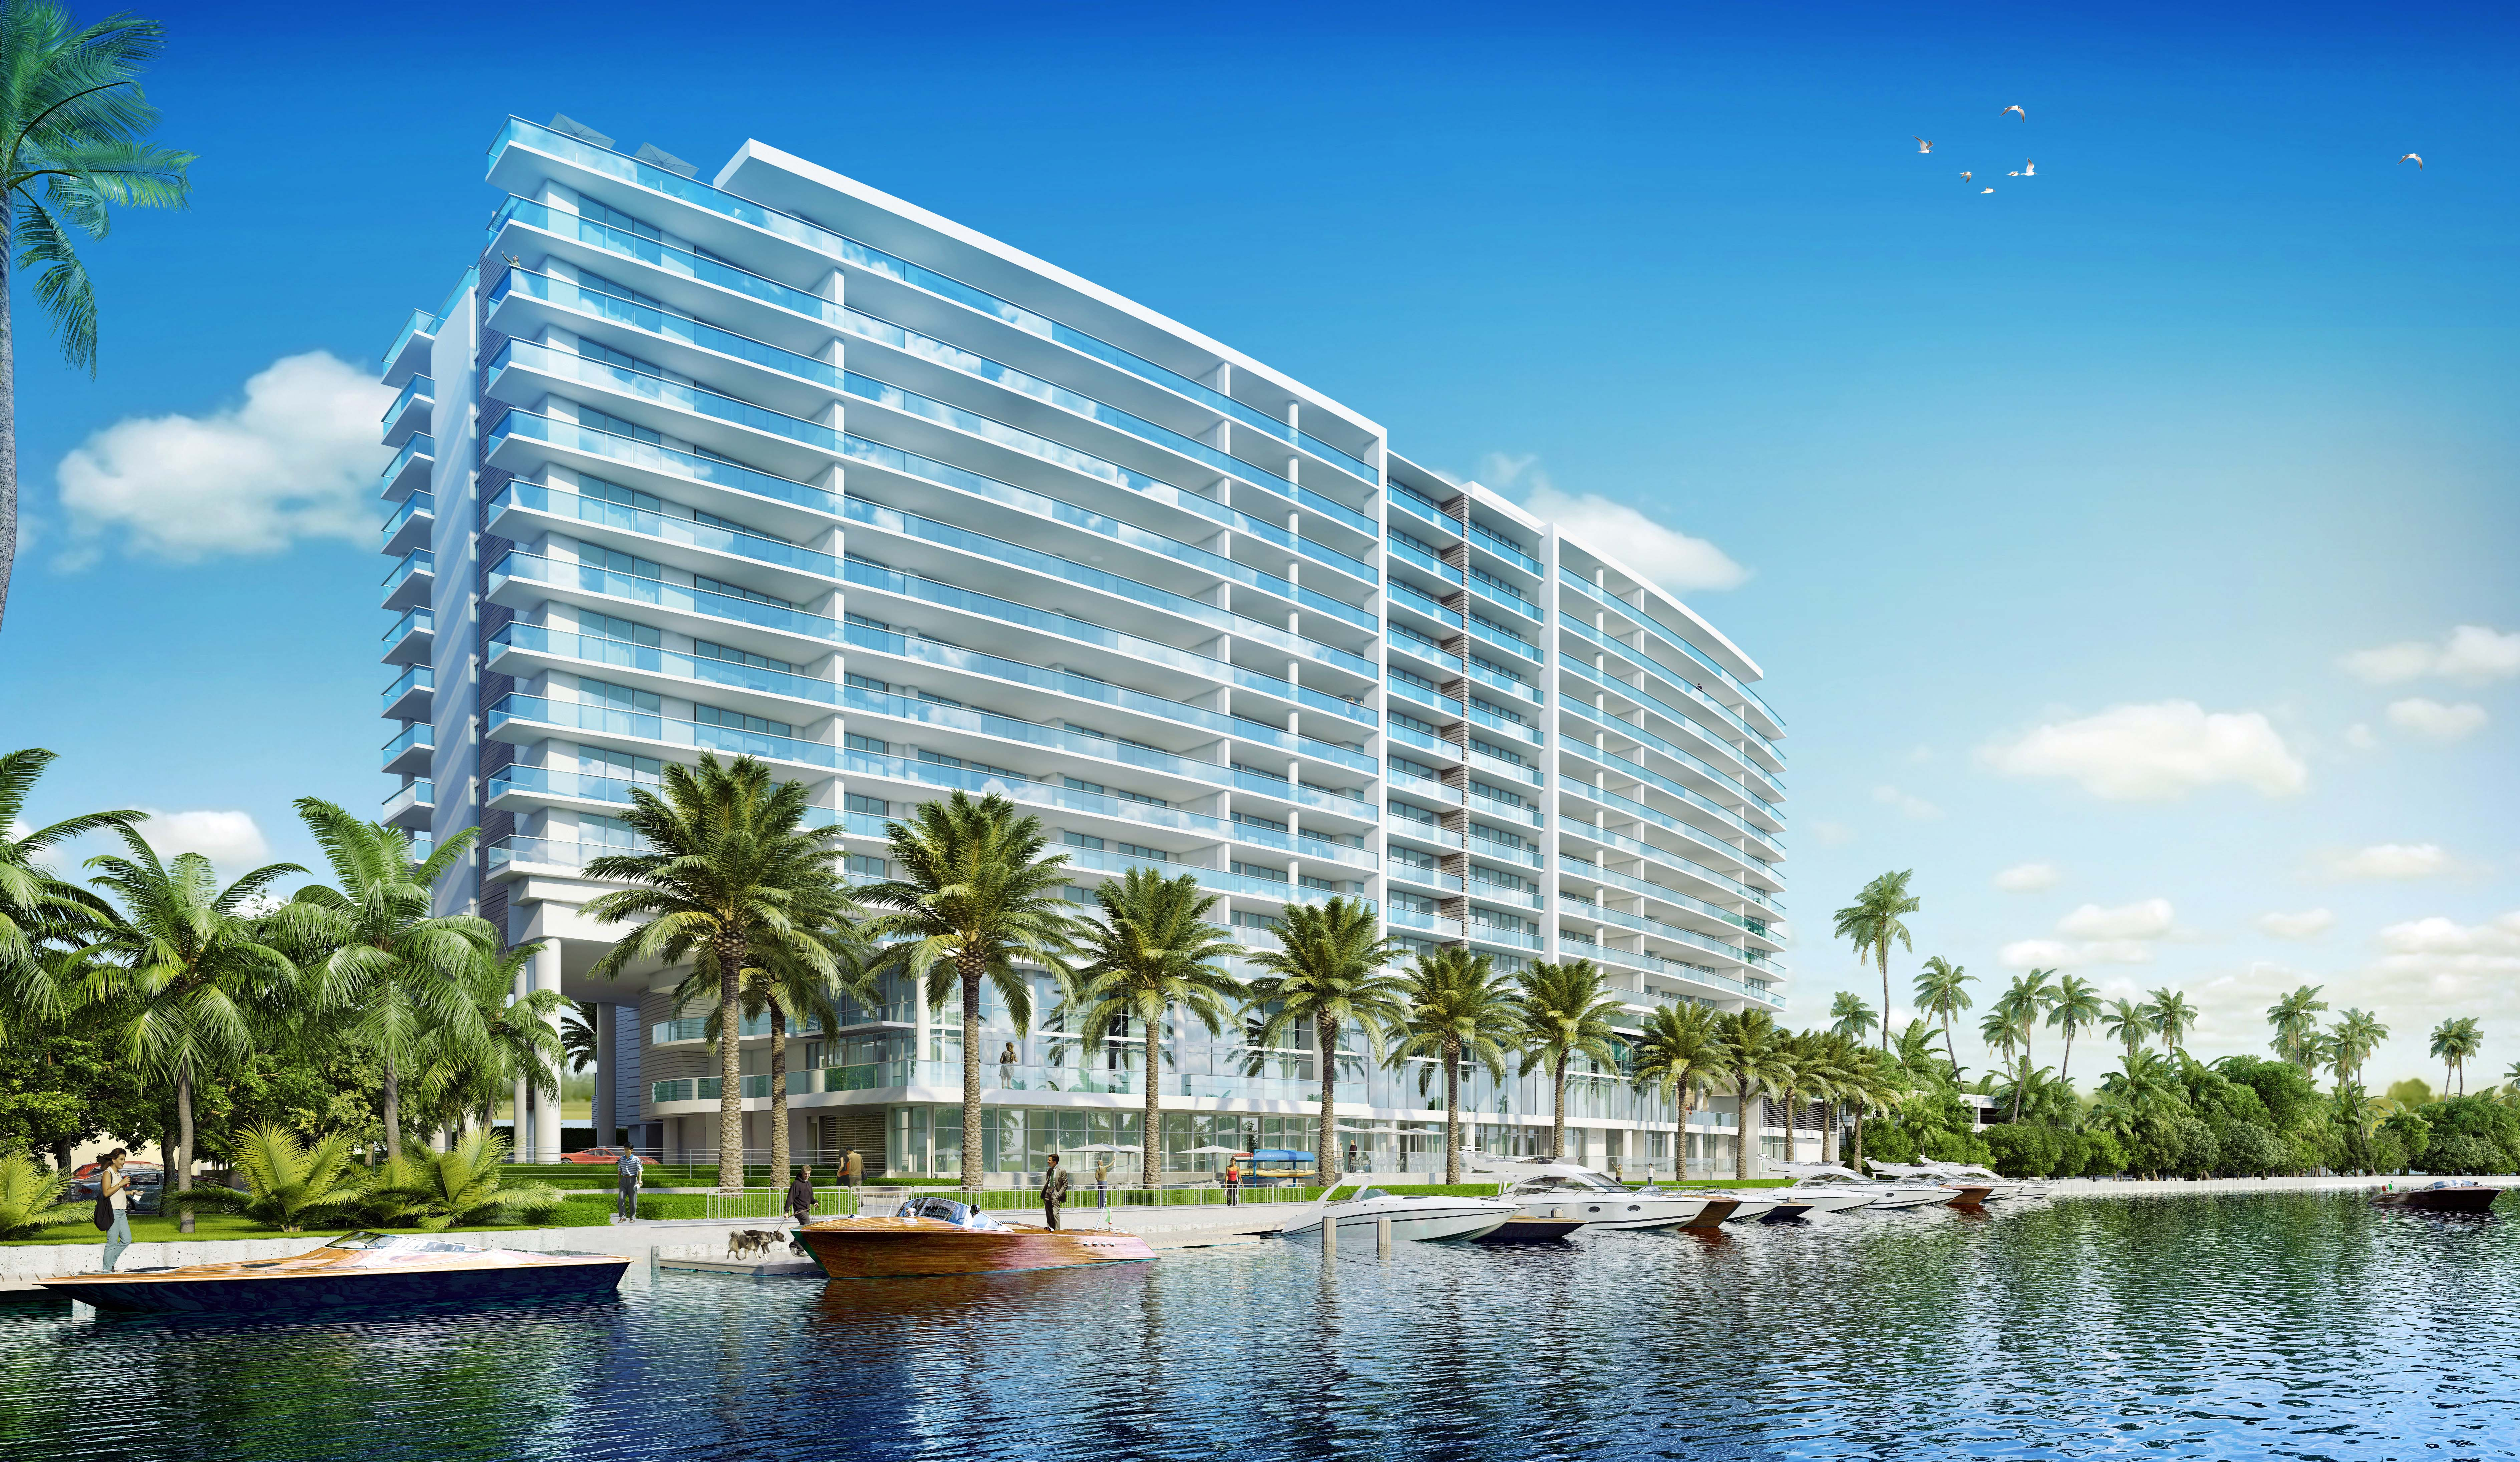 公寓 為 出售 在 1180 N Federal Hwy #200 1180 N Federal Hwy 200 Fort Lauderdale, 佛羅里達州, 33304 美國